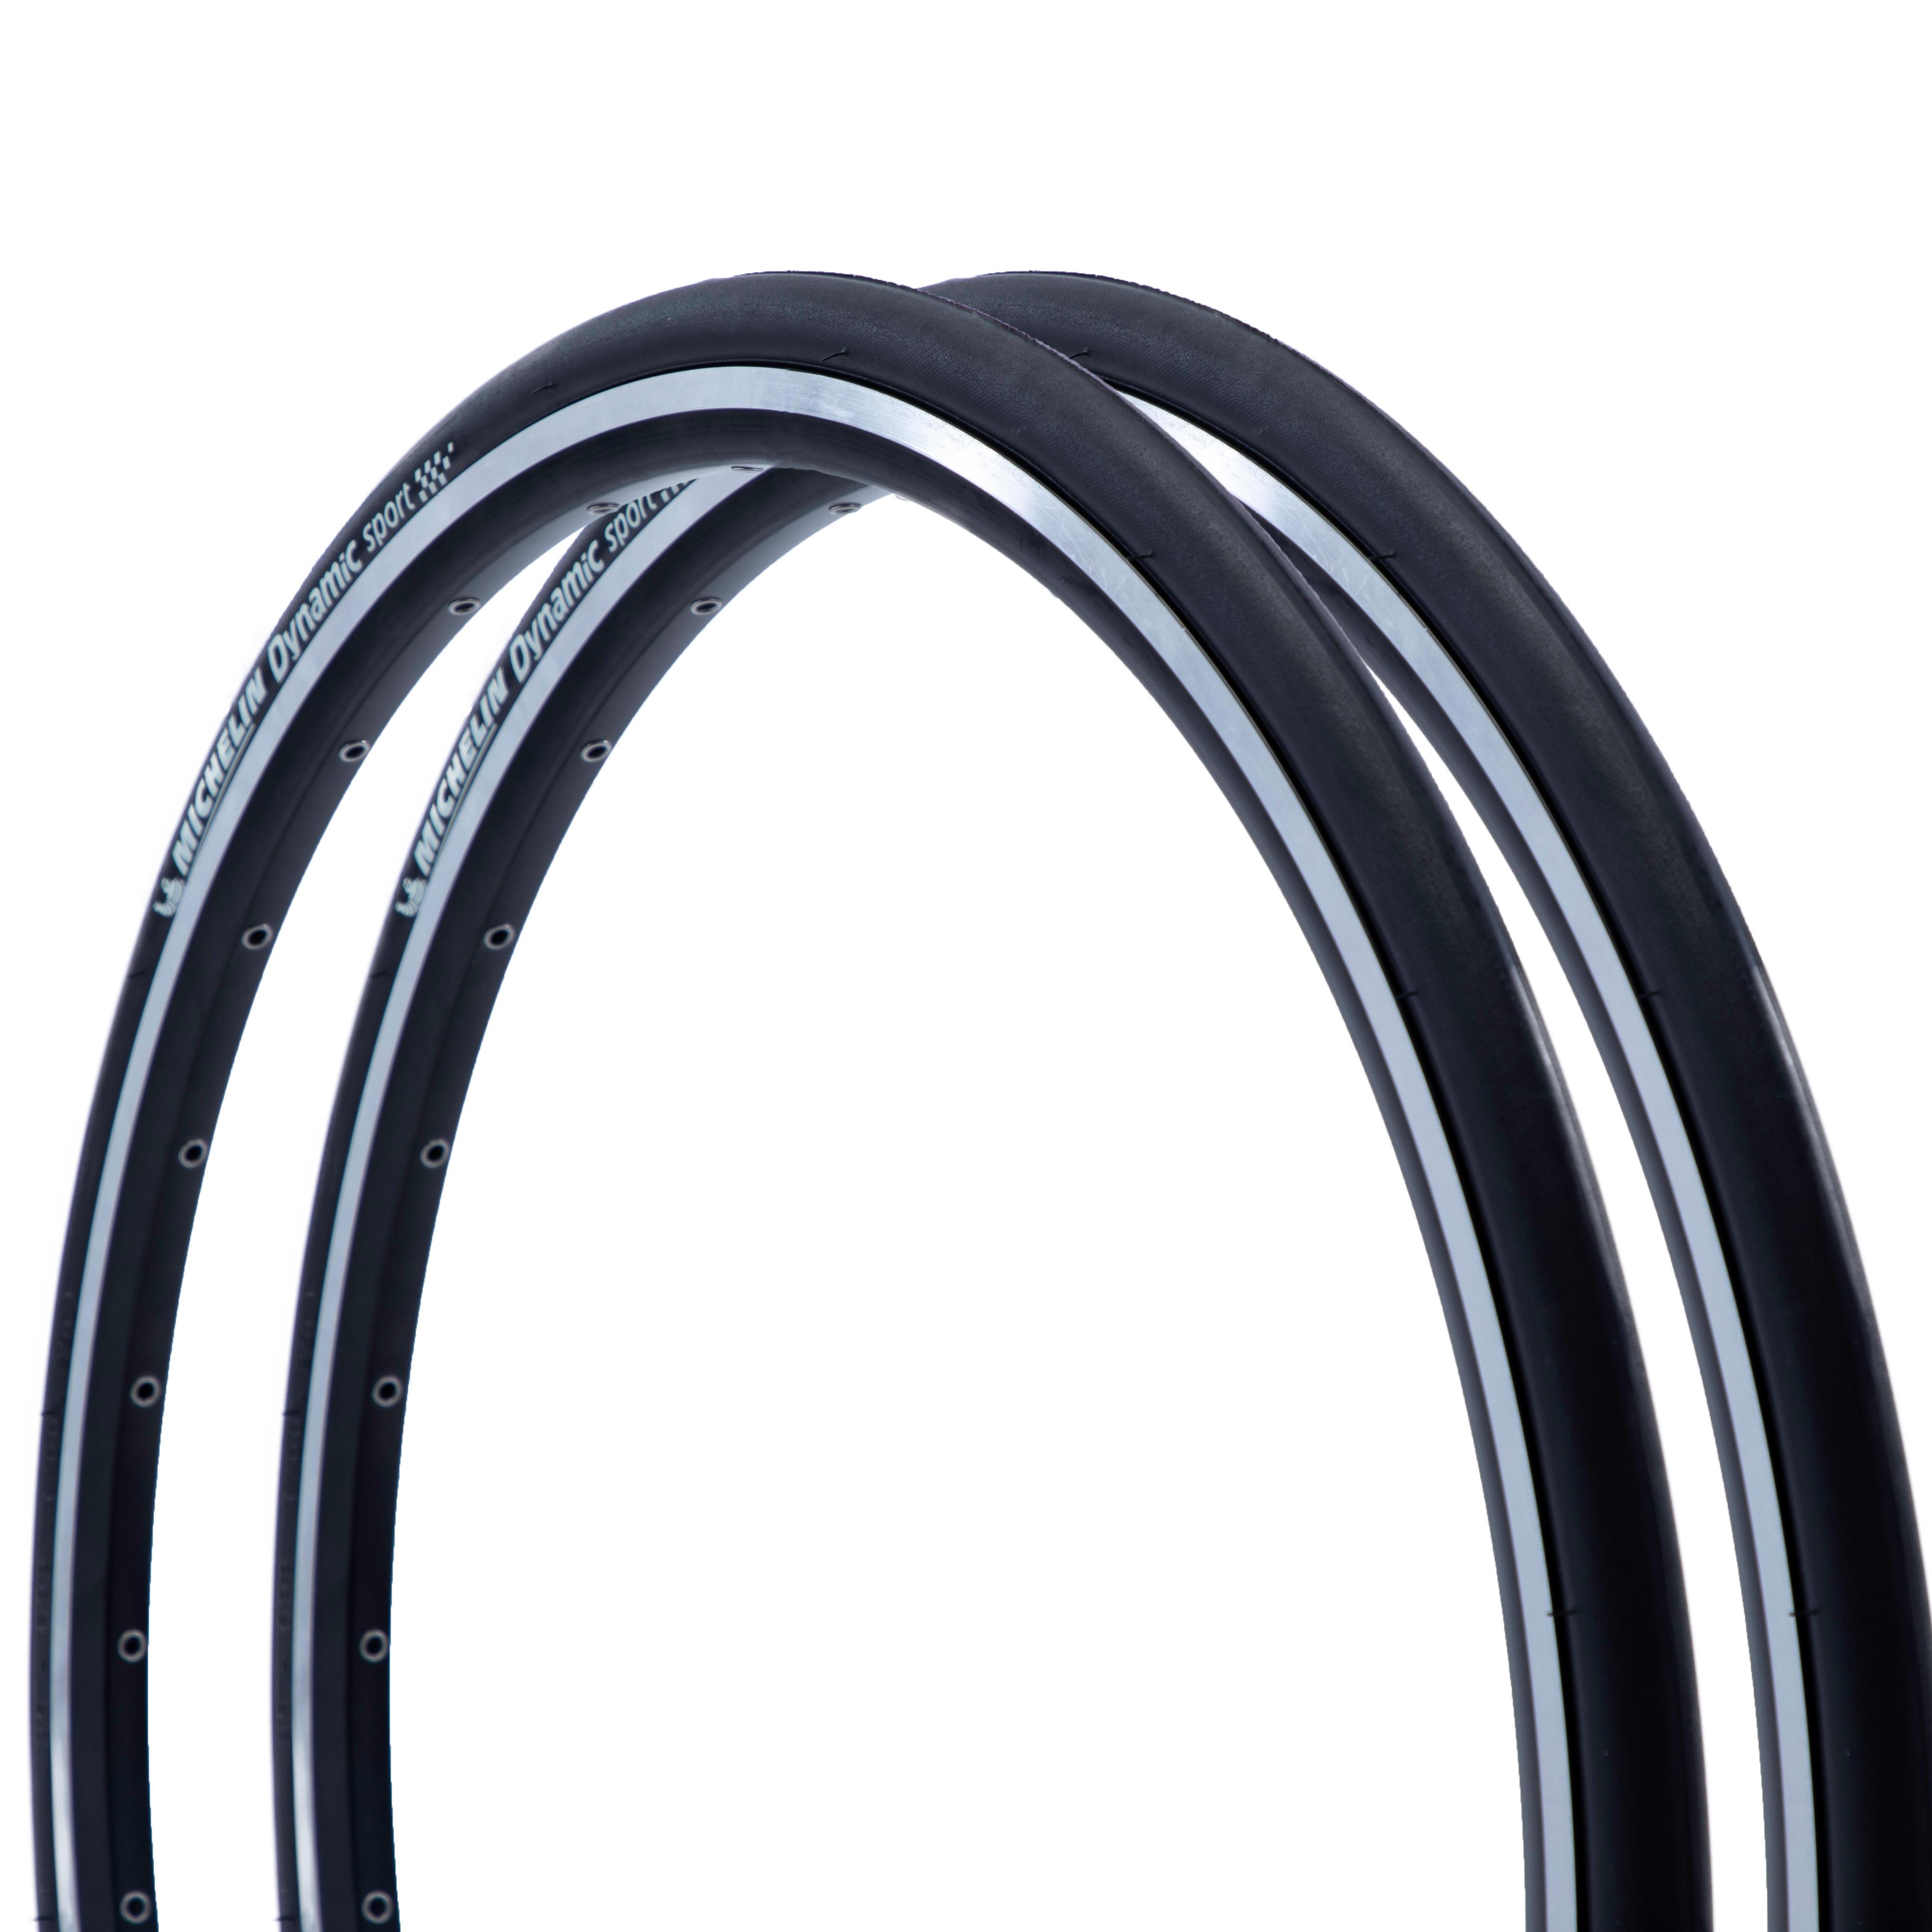 Michelin Due copertoni da corsa DYNAMIC SPORT 700x25 / ETRTO 25-622 neri